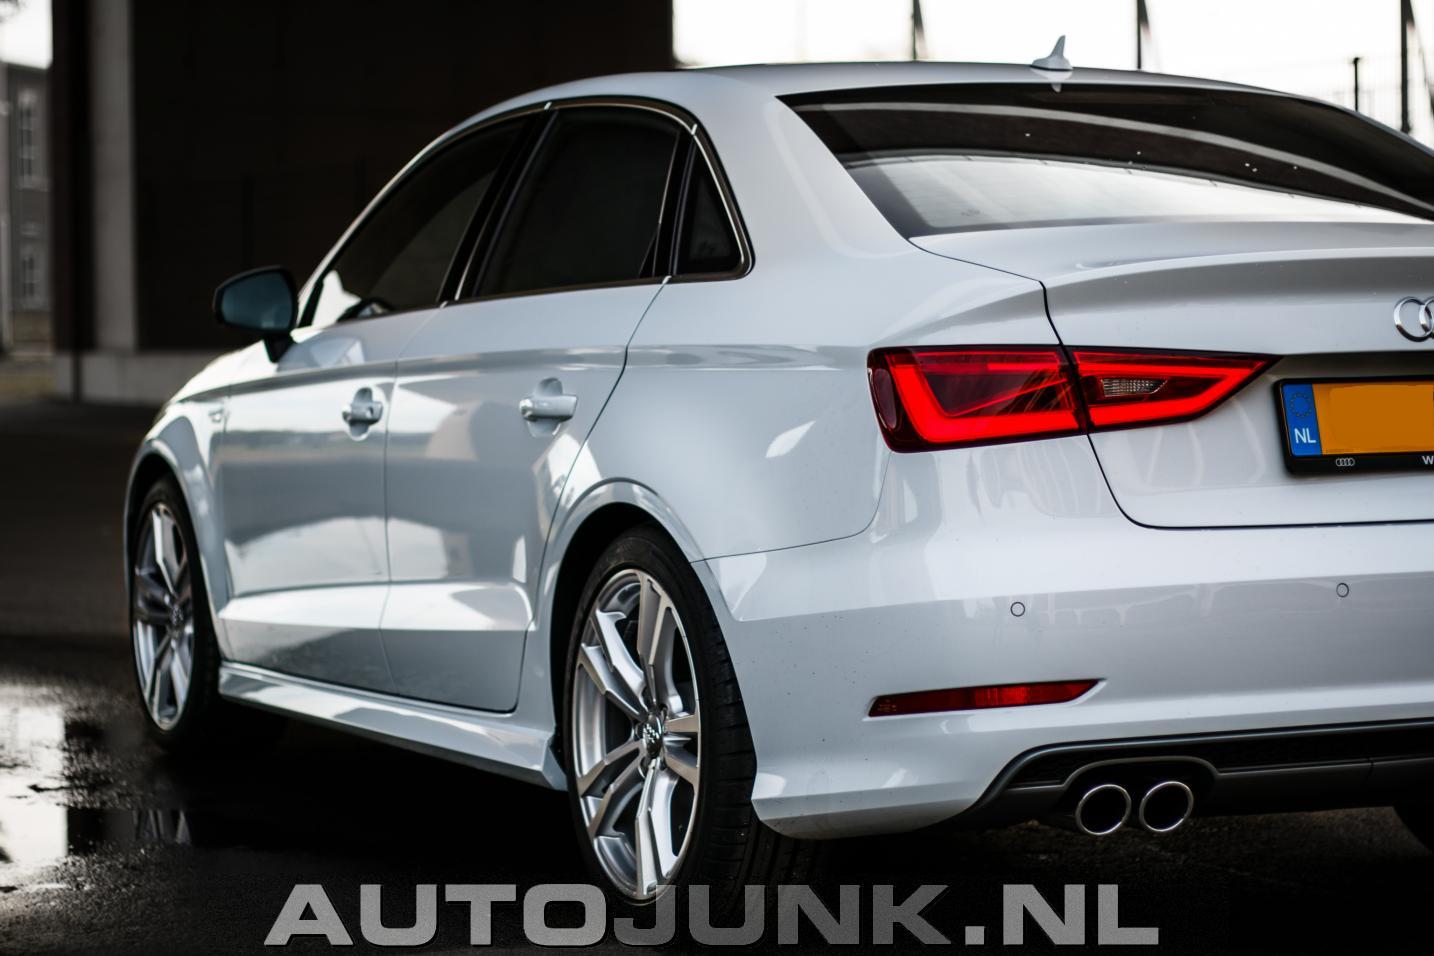 Audi A3 S Line Sedan Foto S 187 Autojunk Nl 138582